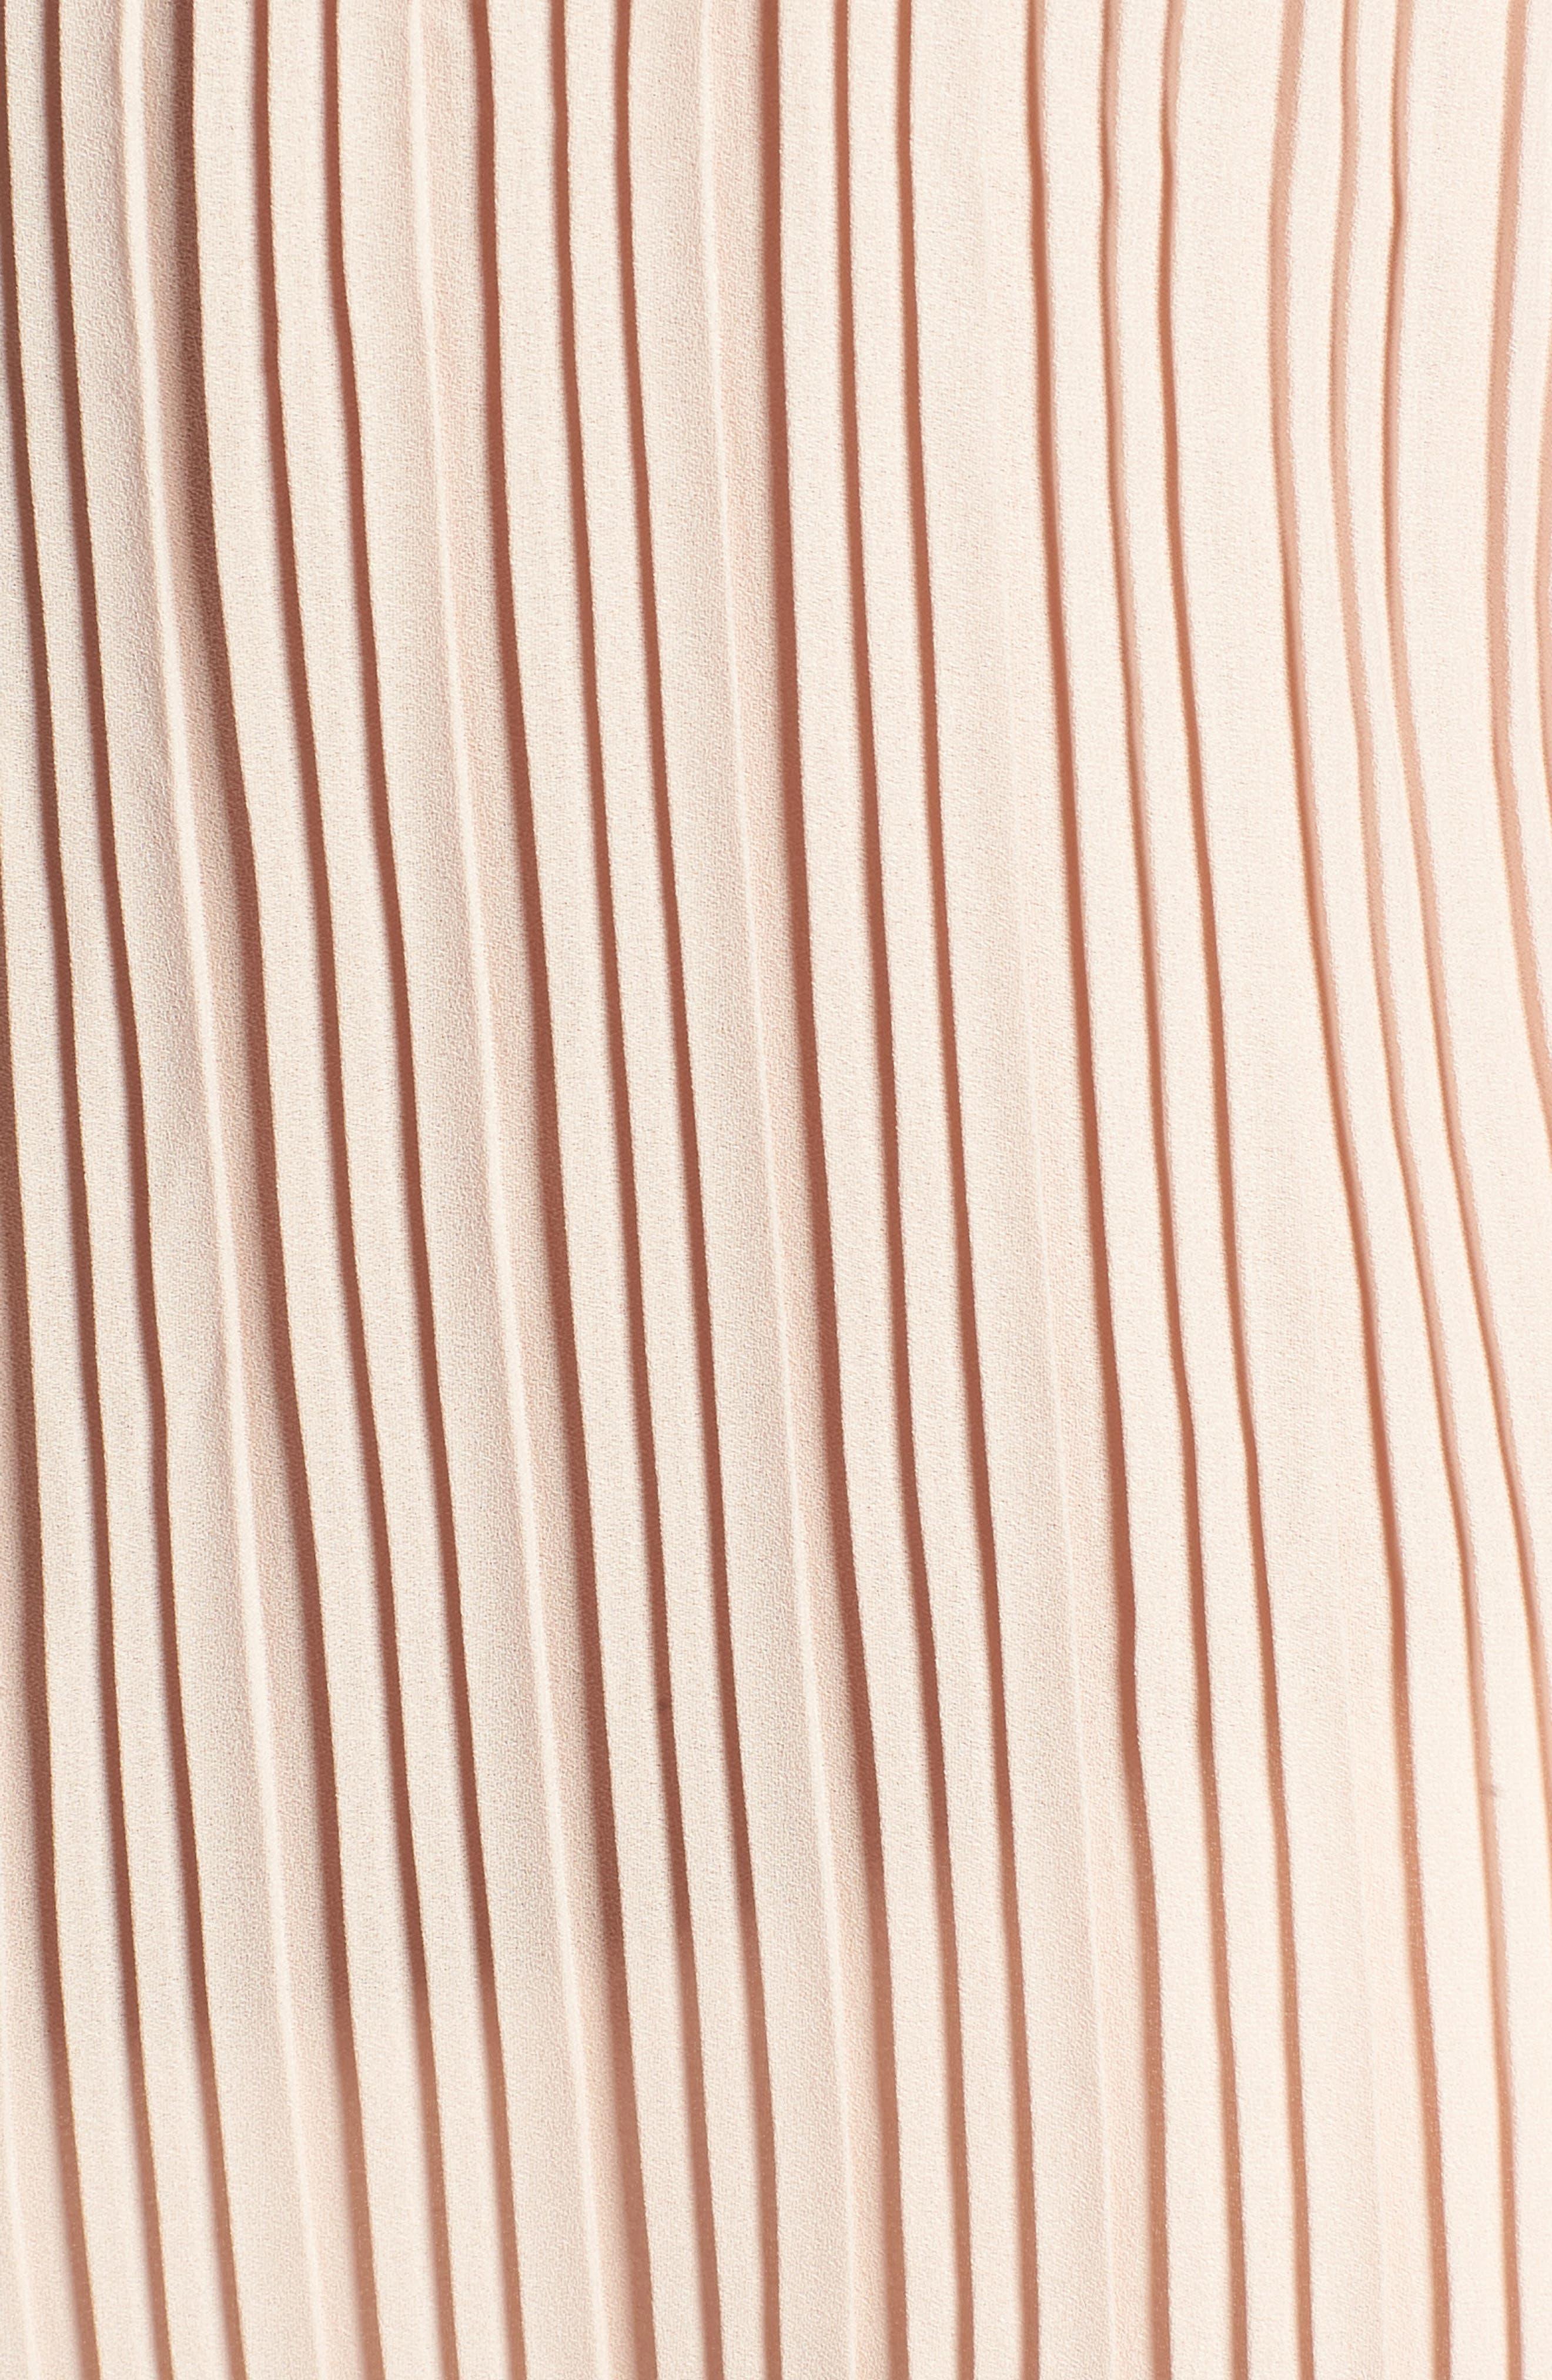 Mini Pleat Ruffle Sleeve Blouse,                             Alternate thumbnail 5, color,                             Tan